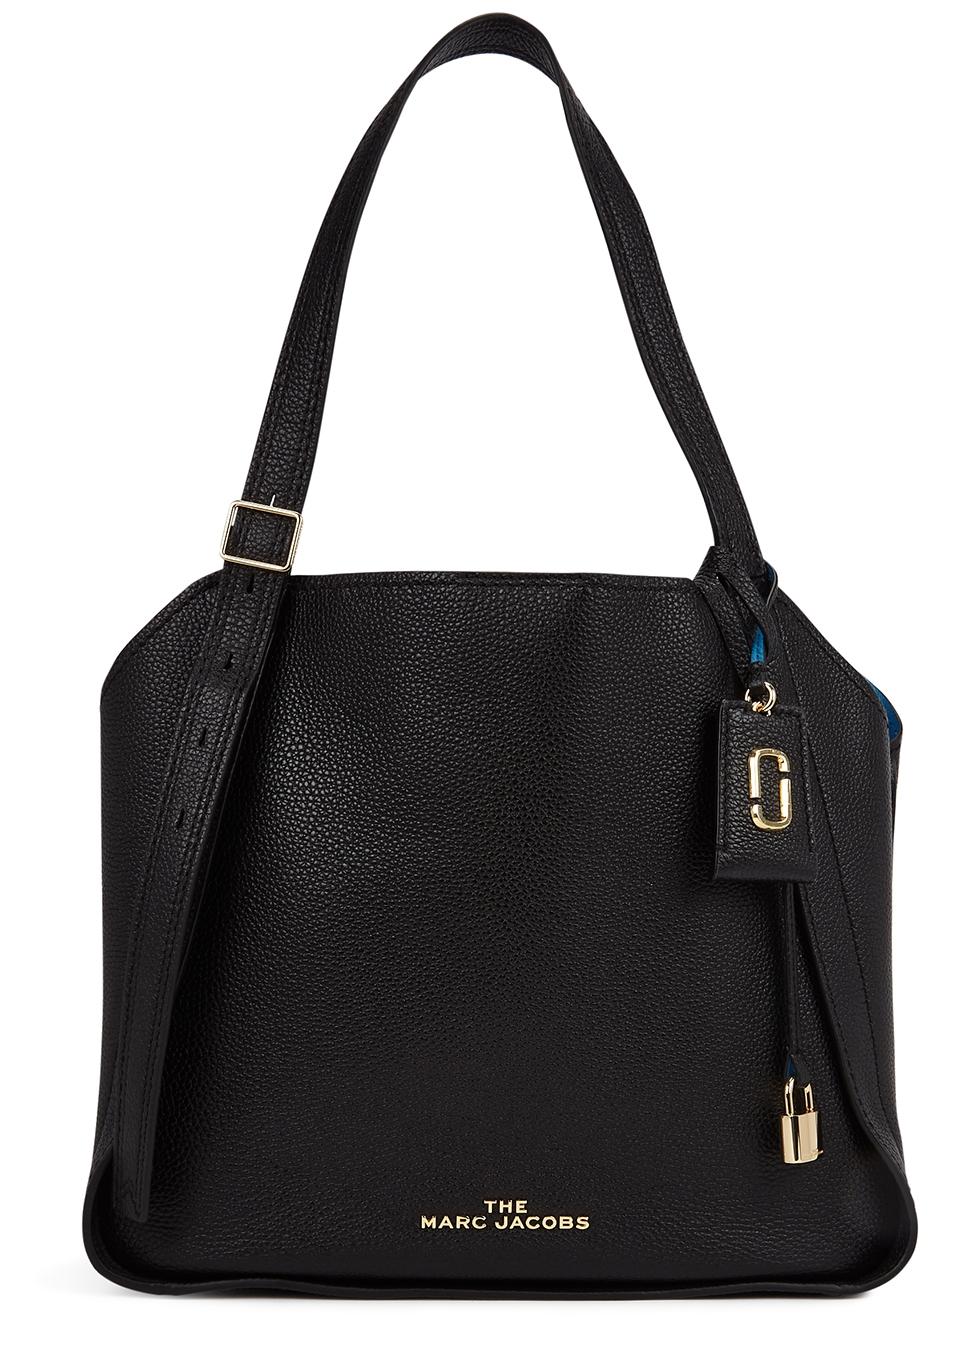 The Director black leather shoulder bag